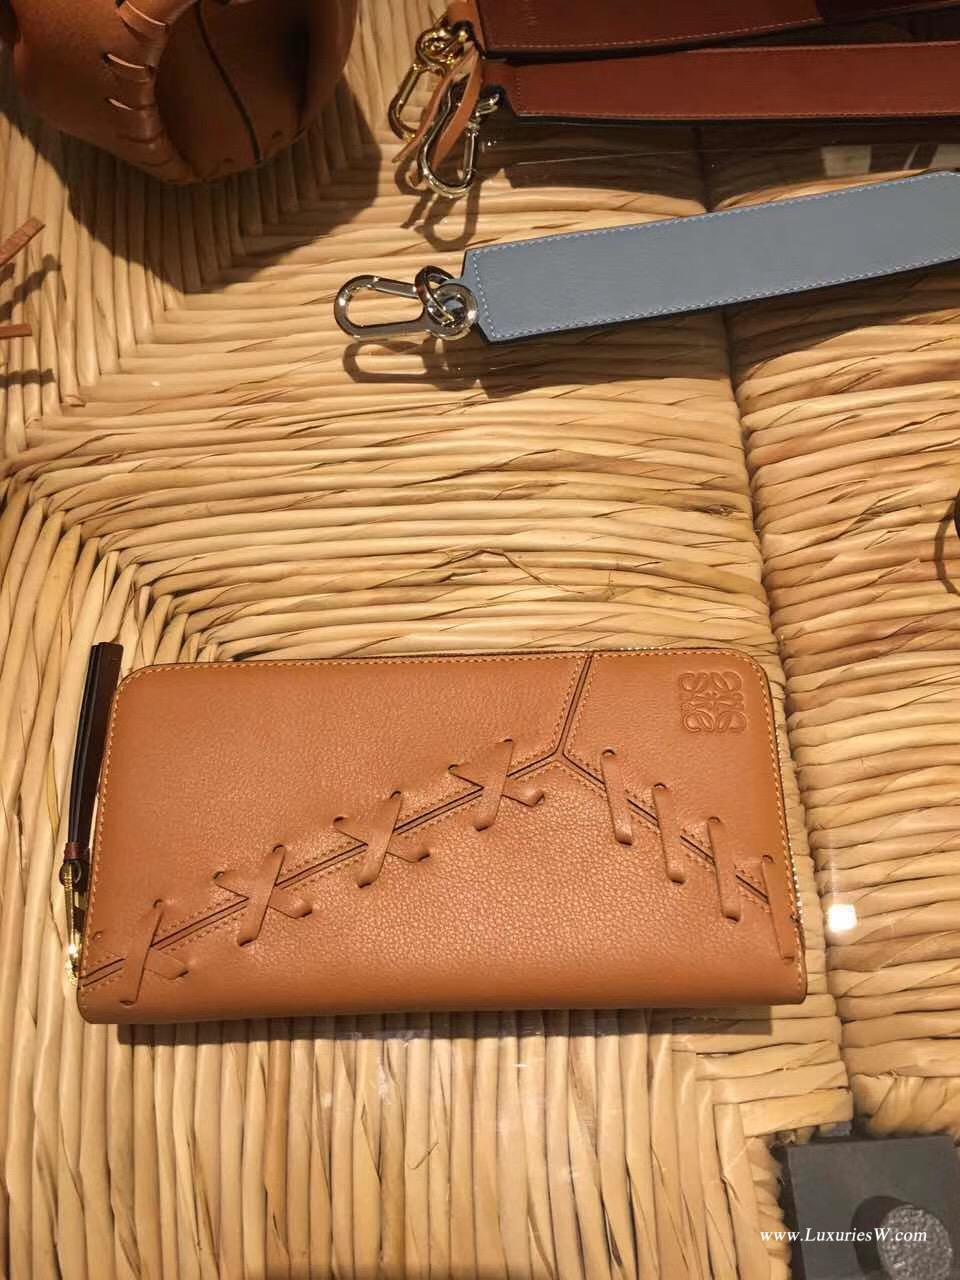 羅意威LOEWE 棕色 Puzzle編織纏繞系列 長款錢夾 采用多種優質牛皮